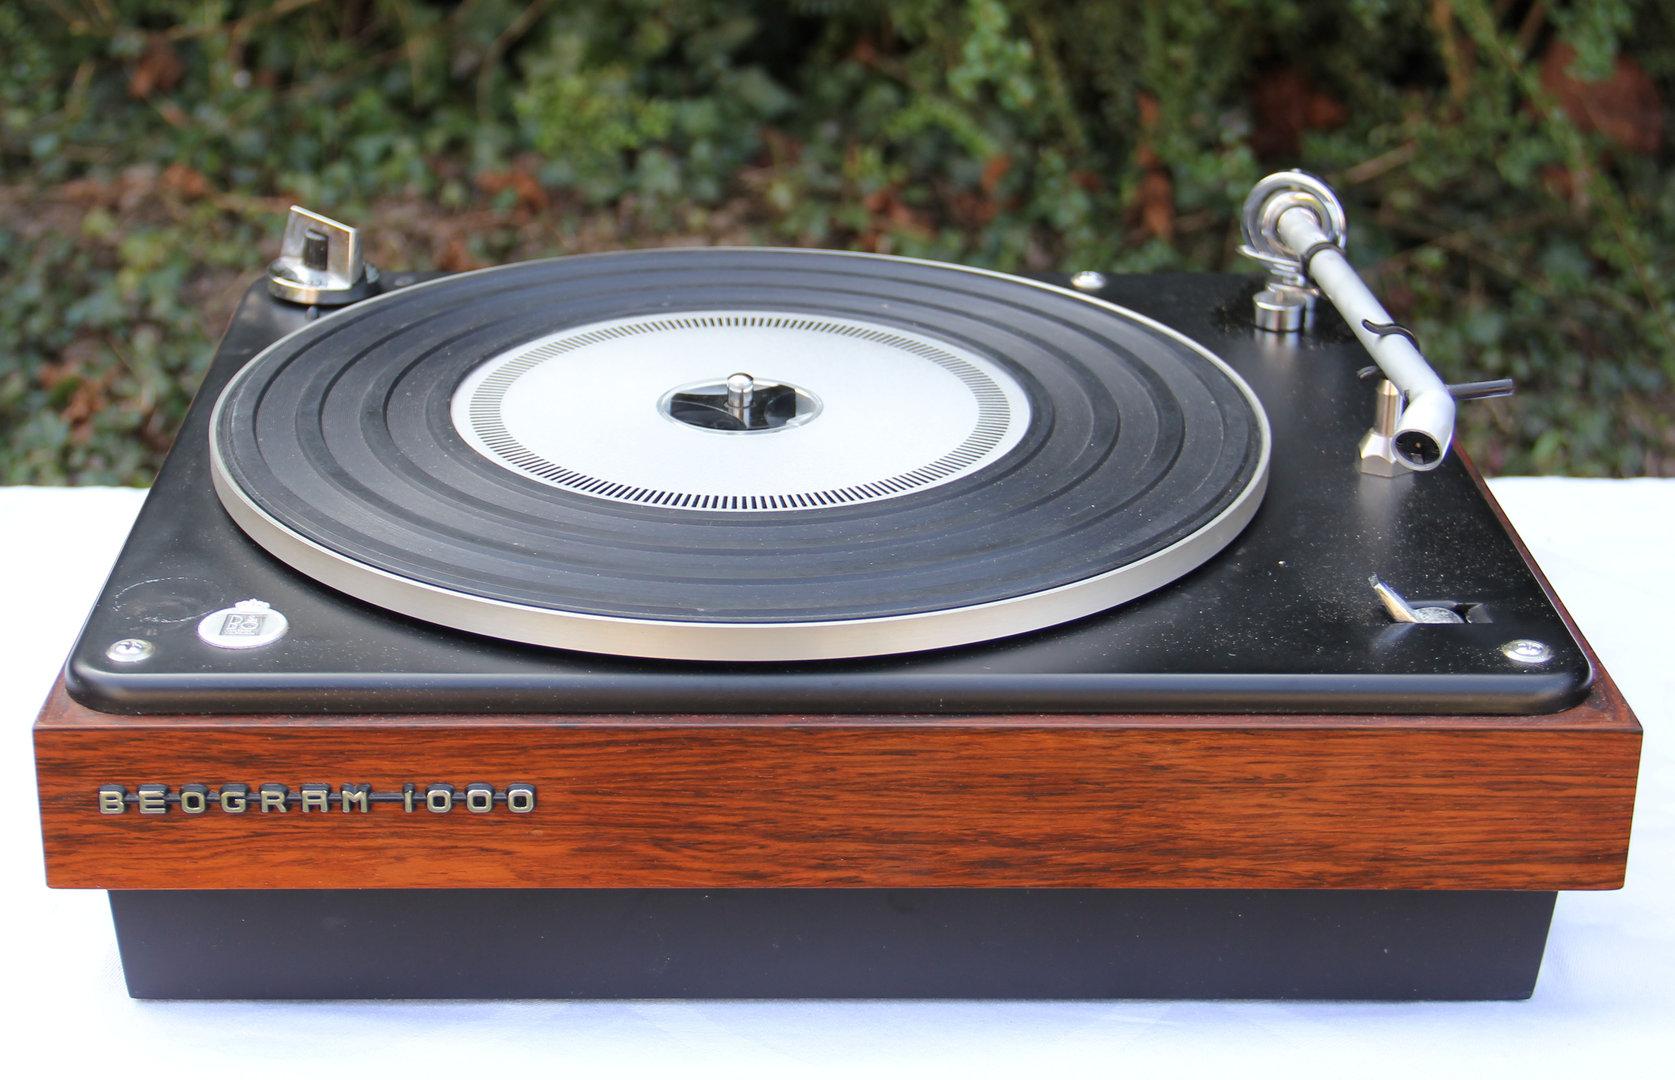 bang et olufsen beogram 1000 audiolegend. Black Bedroom Furniture Sets. Home Design Ideas